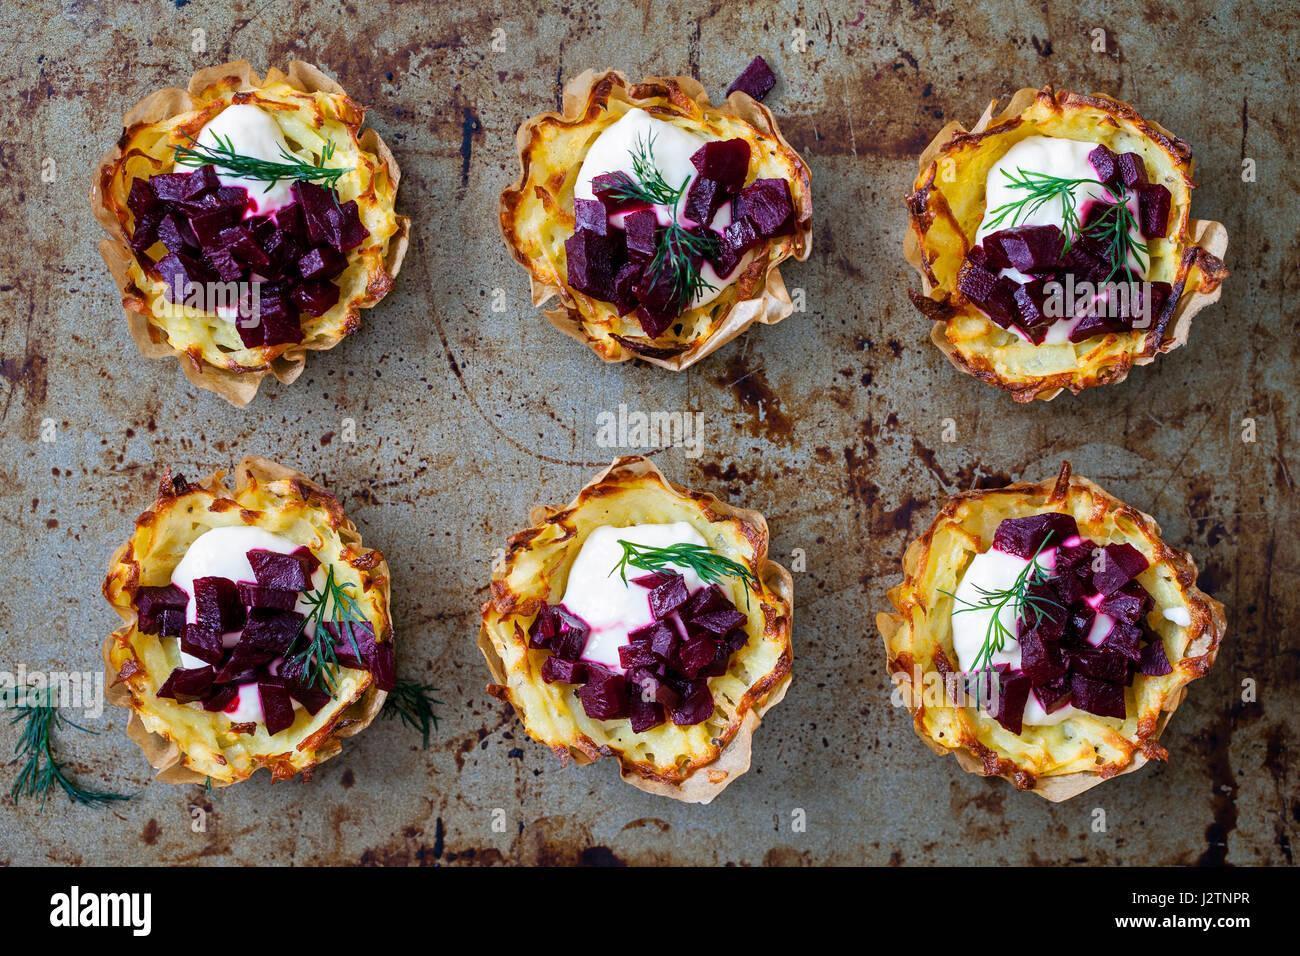 Rosti de pommes de terre au raifort et de betterave Photo Stock